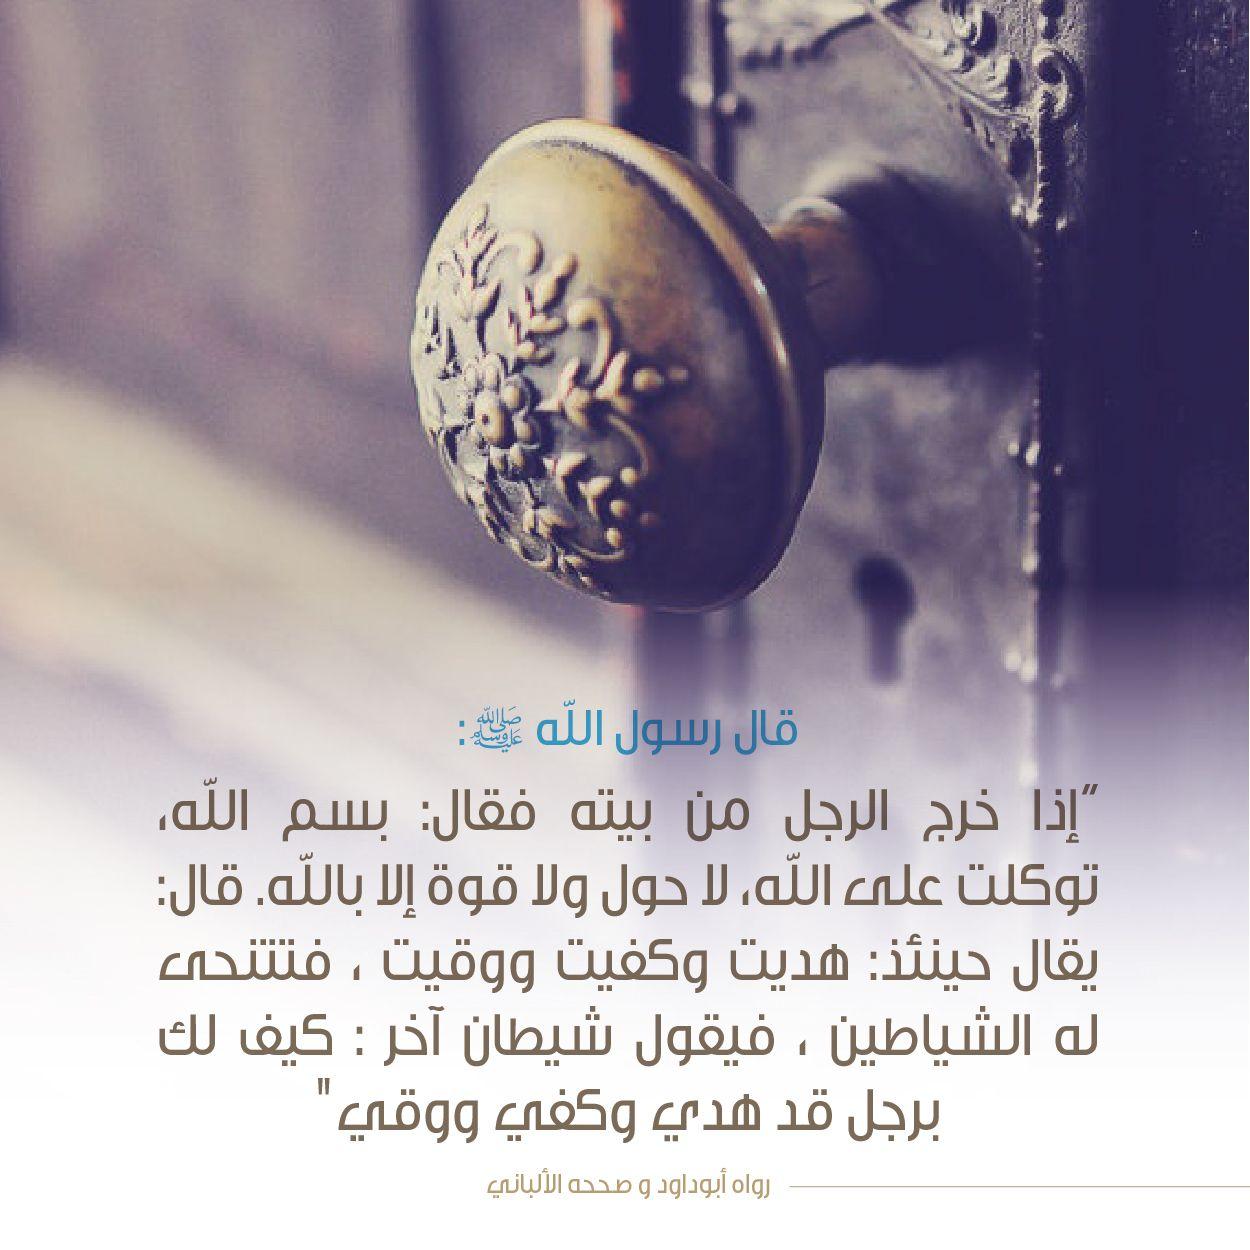 عن أنس بن مالك رضي الله عنه أن النبي ﷺ قال إذا خرج الرجل من بيته فقال بسم الله توكلت على الله لا حول و Muslim Quotes Islamic Pictures 10 Things